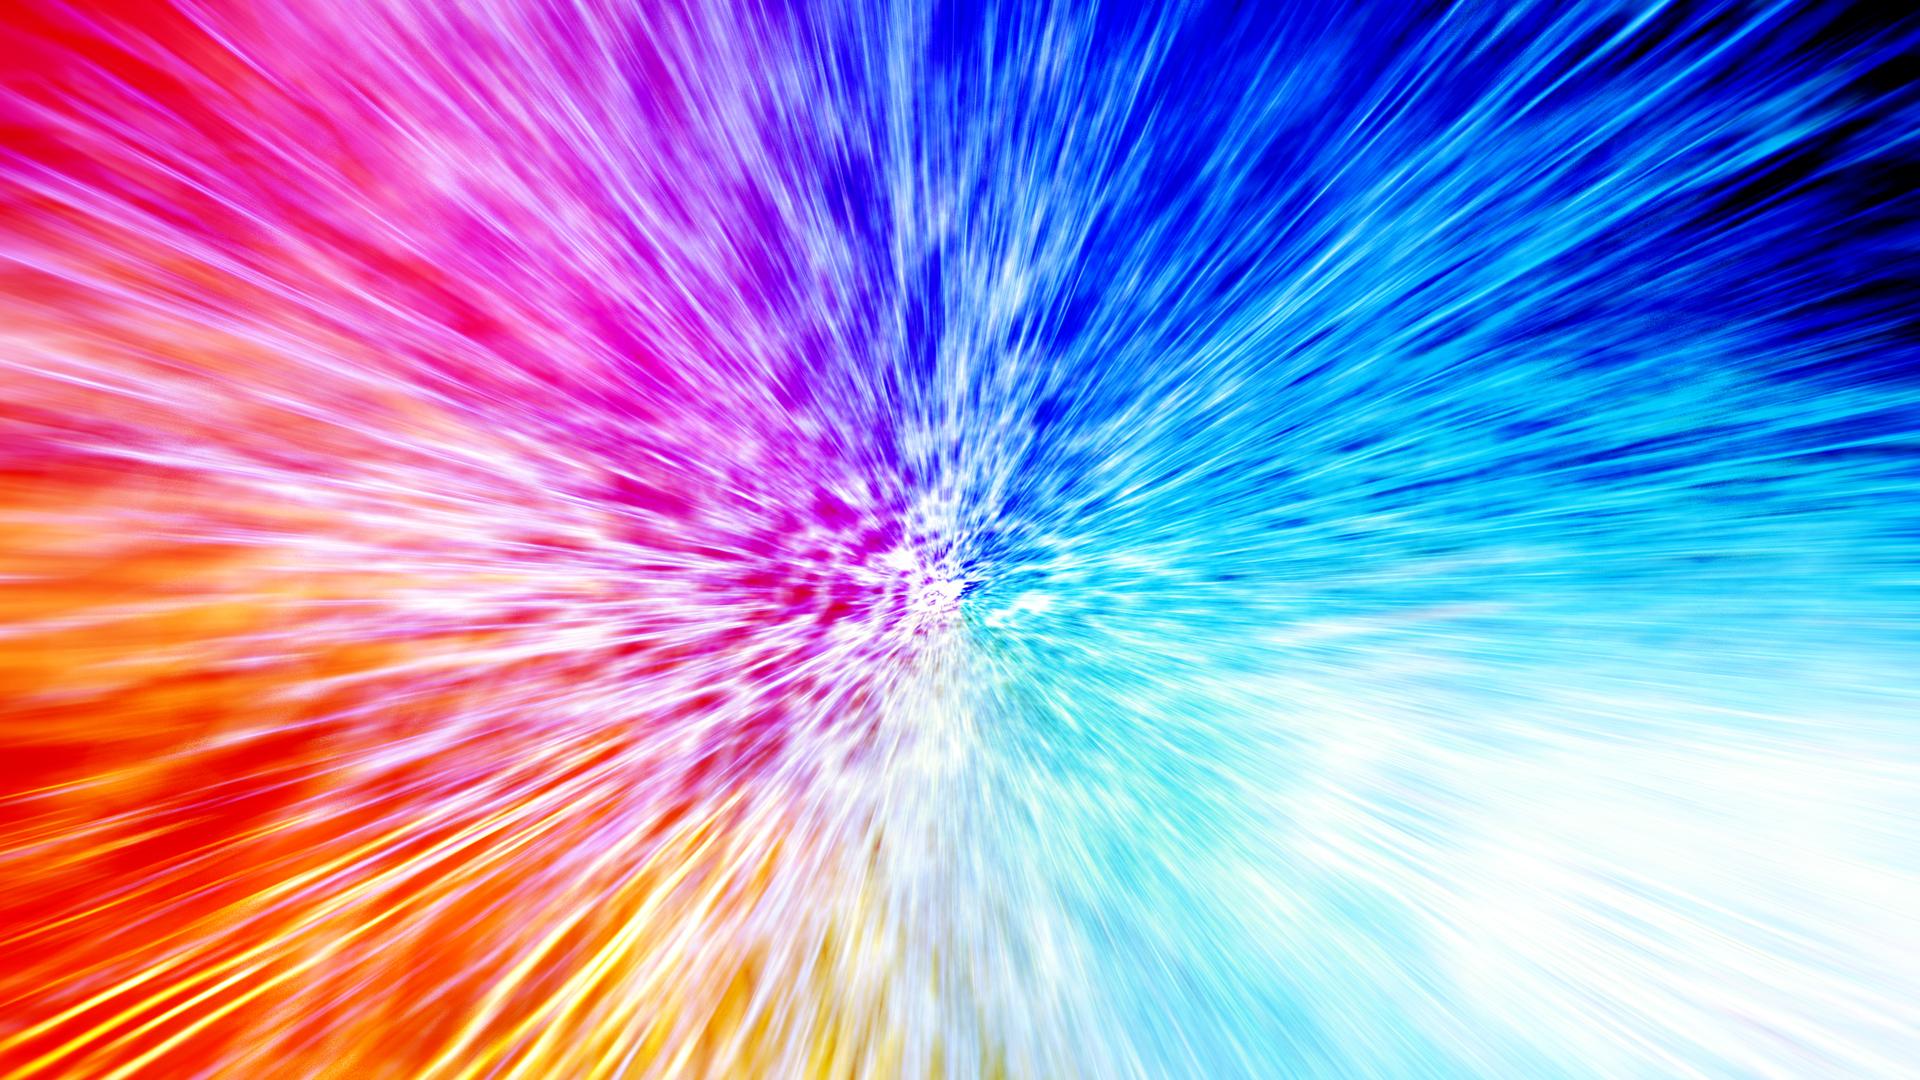 иллюзия, нарко, бред, шумы, радуга, крутые в хорошем качестве